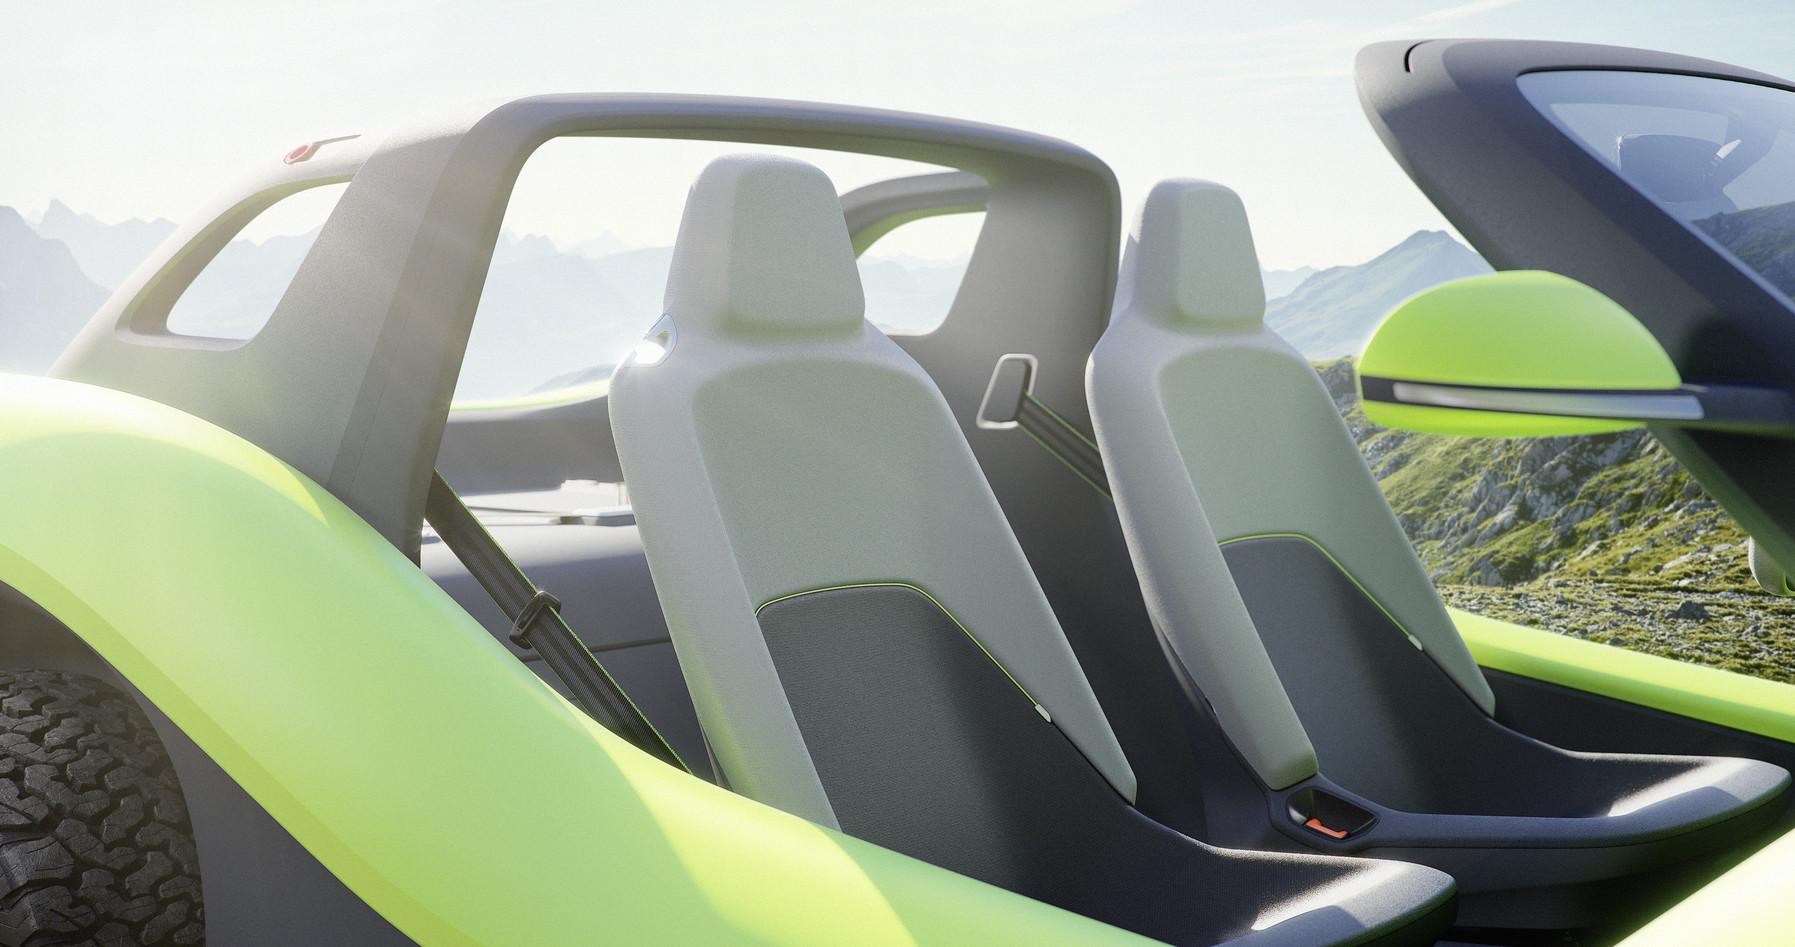 Volkswagen I.D. Buggy seat details